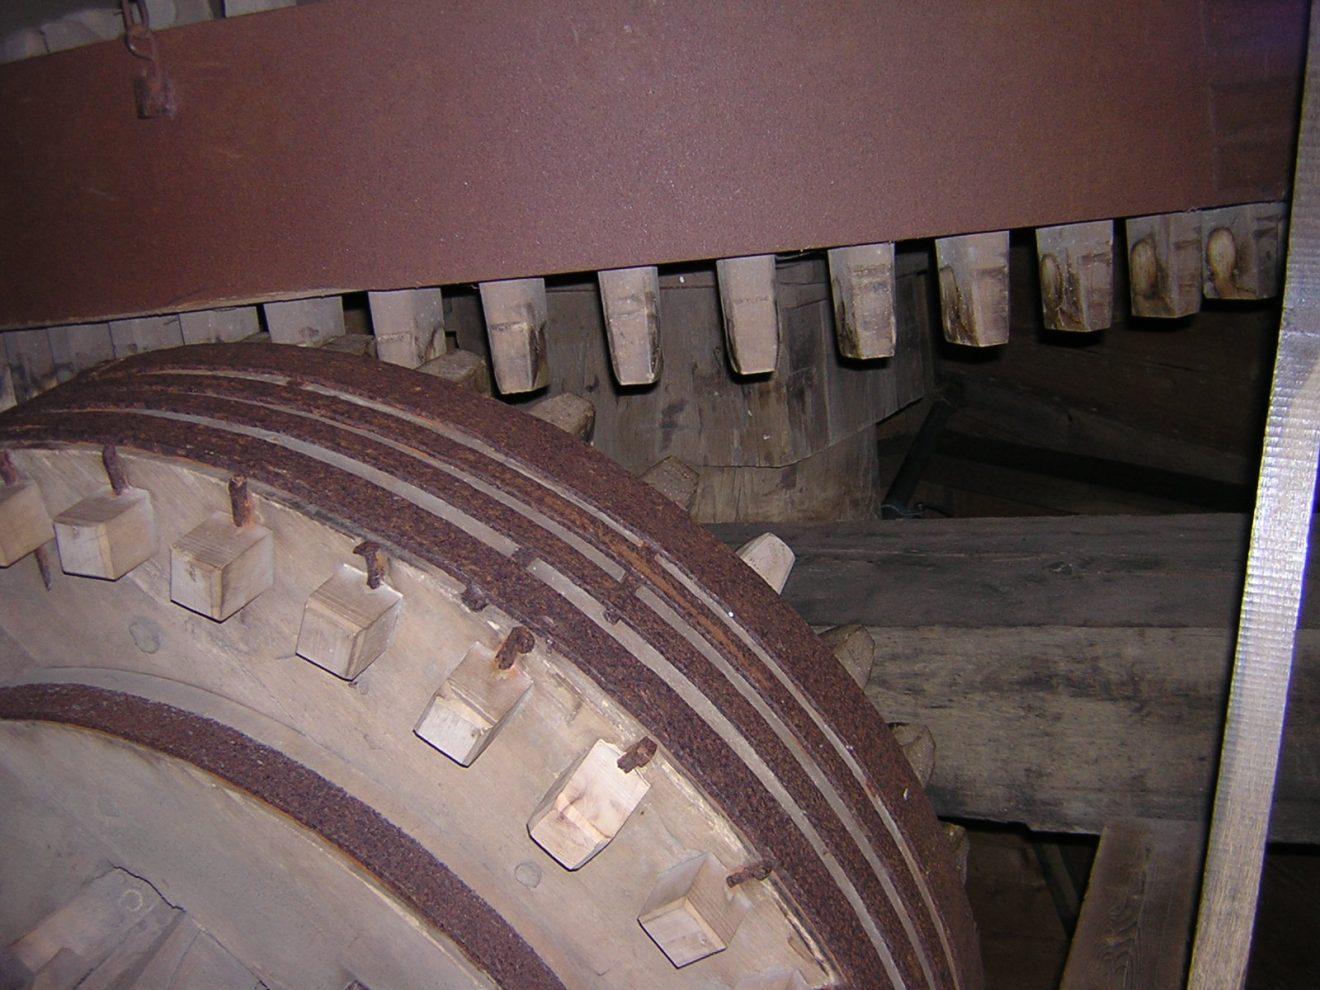 Zahnräder übertragen die Kraft von den Windmühlenflügeln auf den Bunkler